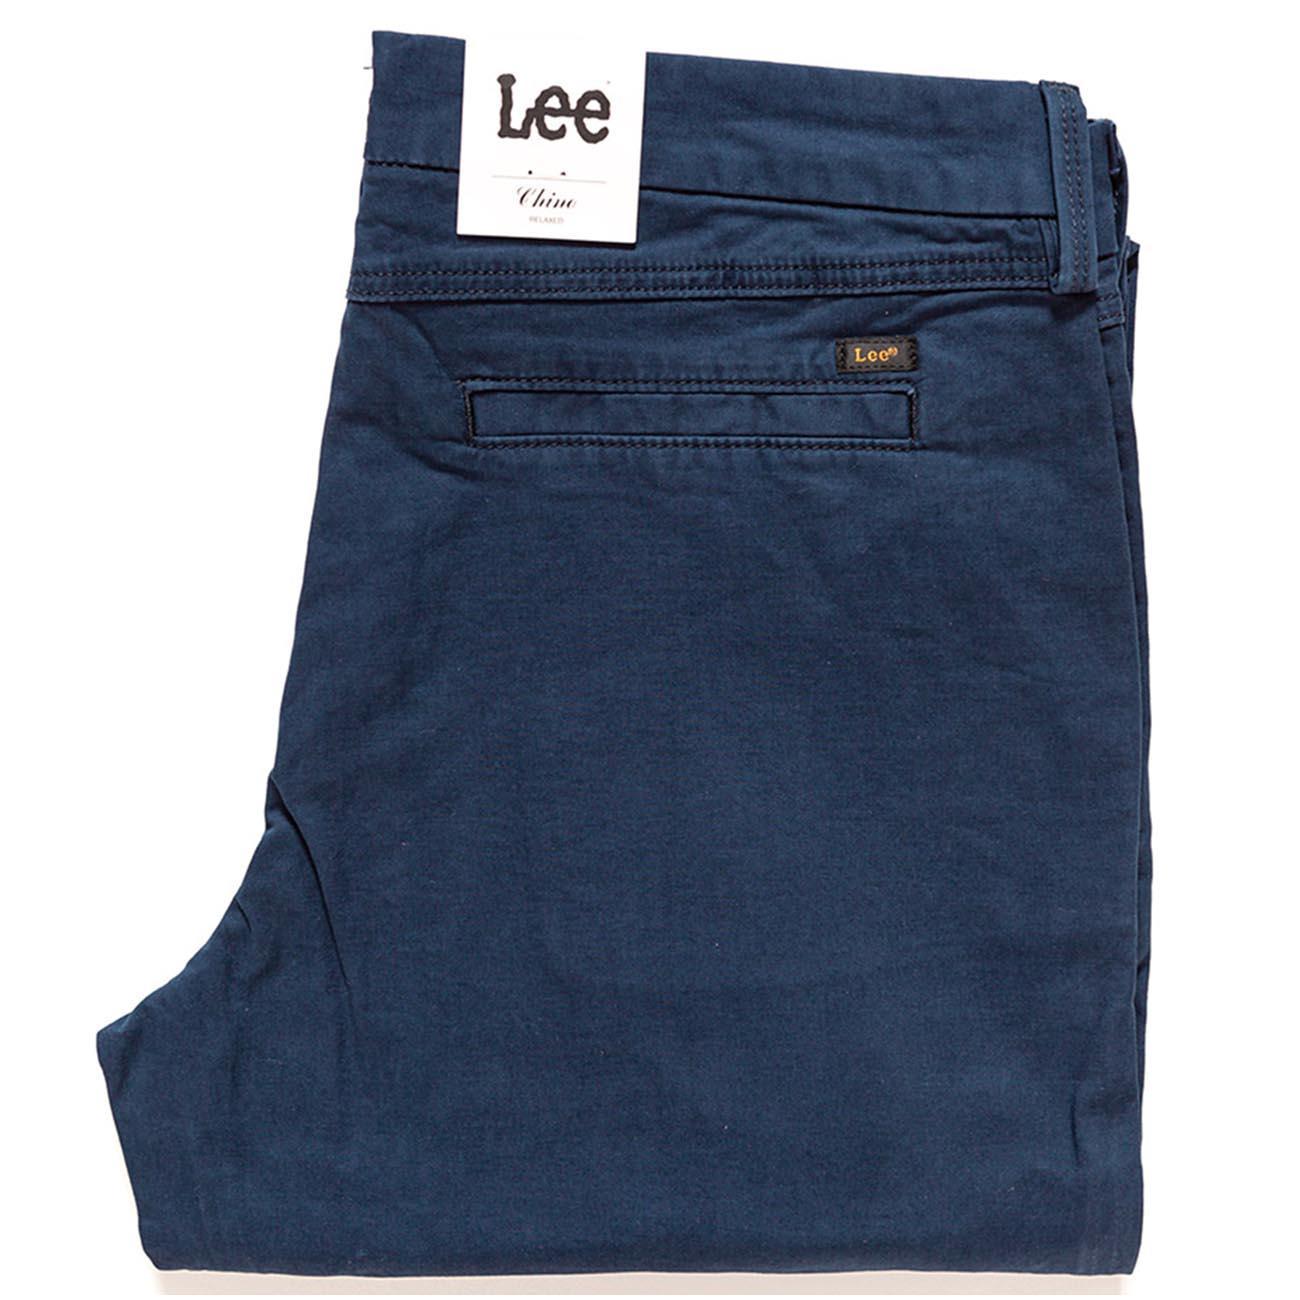 Lee Chino Spodnie Materiałowe Damskie 7/8 W28 L33